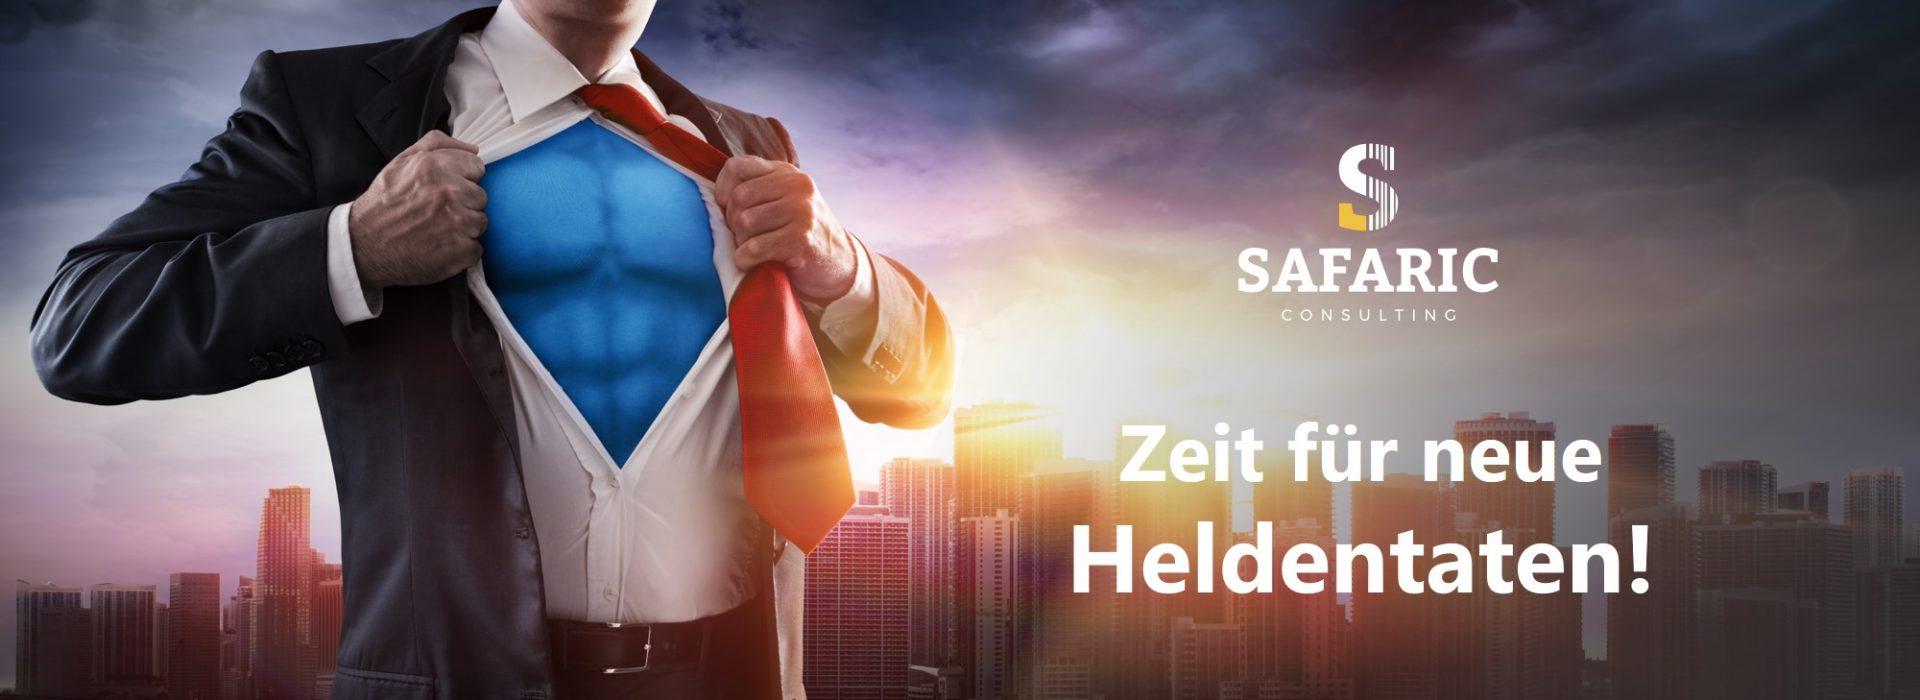 Meet, Drink & Connect Juni 2021 - Zeit für neue Heldentaten!